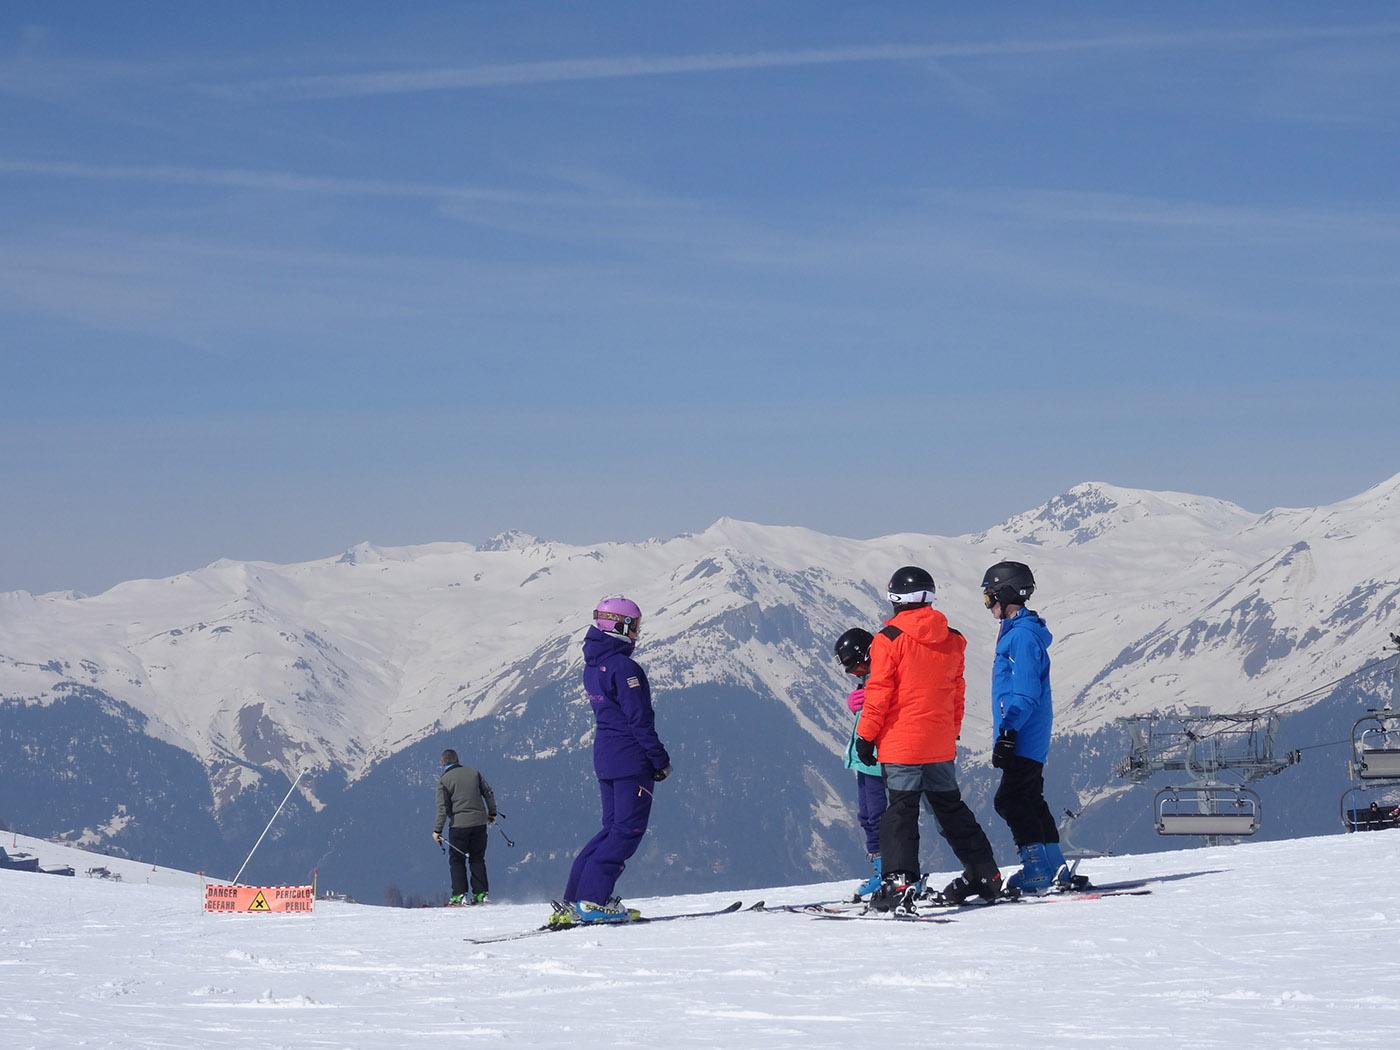 vacances au ski pas cher vacances neige pas cher